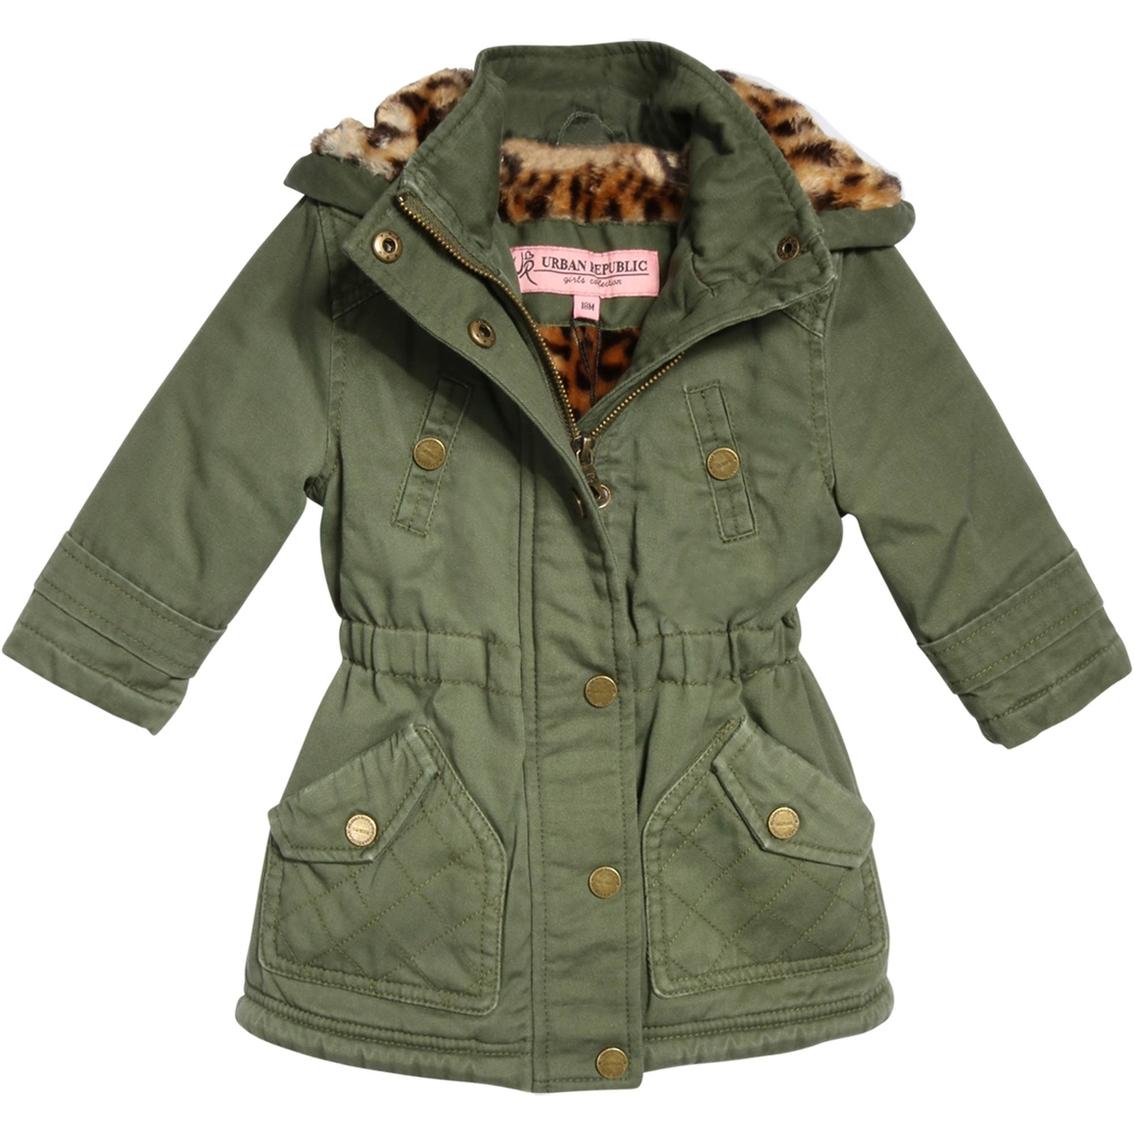 98b3a80d0f6 Urban Republic Girls Cotton Twill Jacket